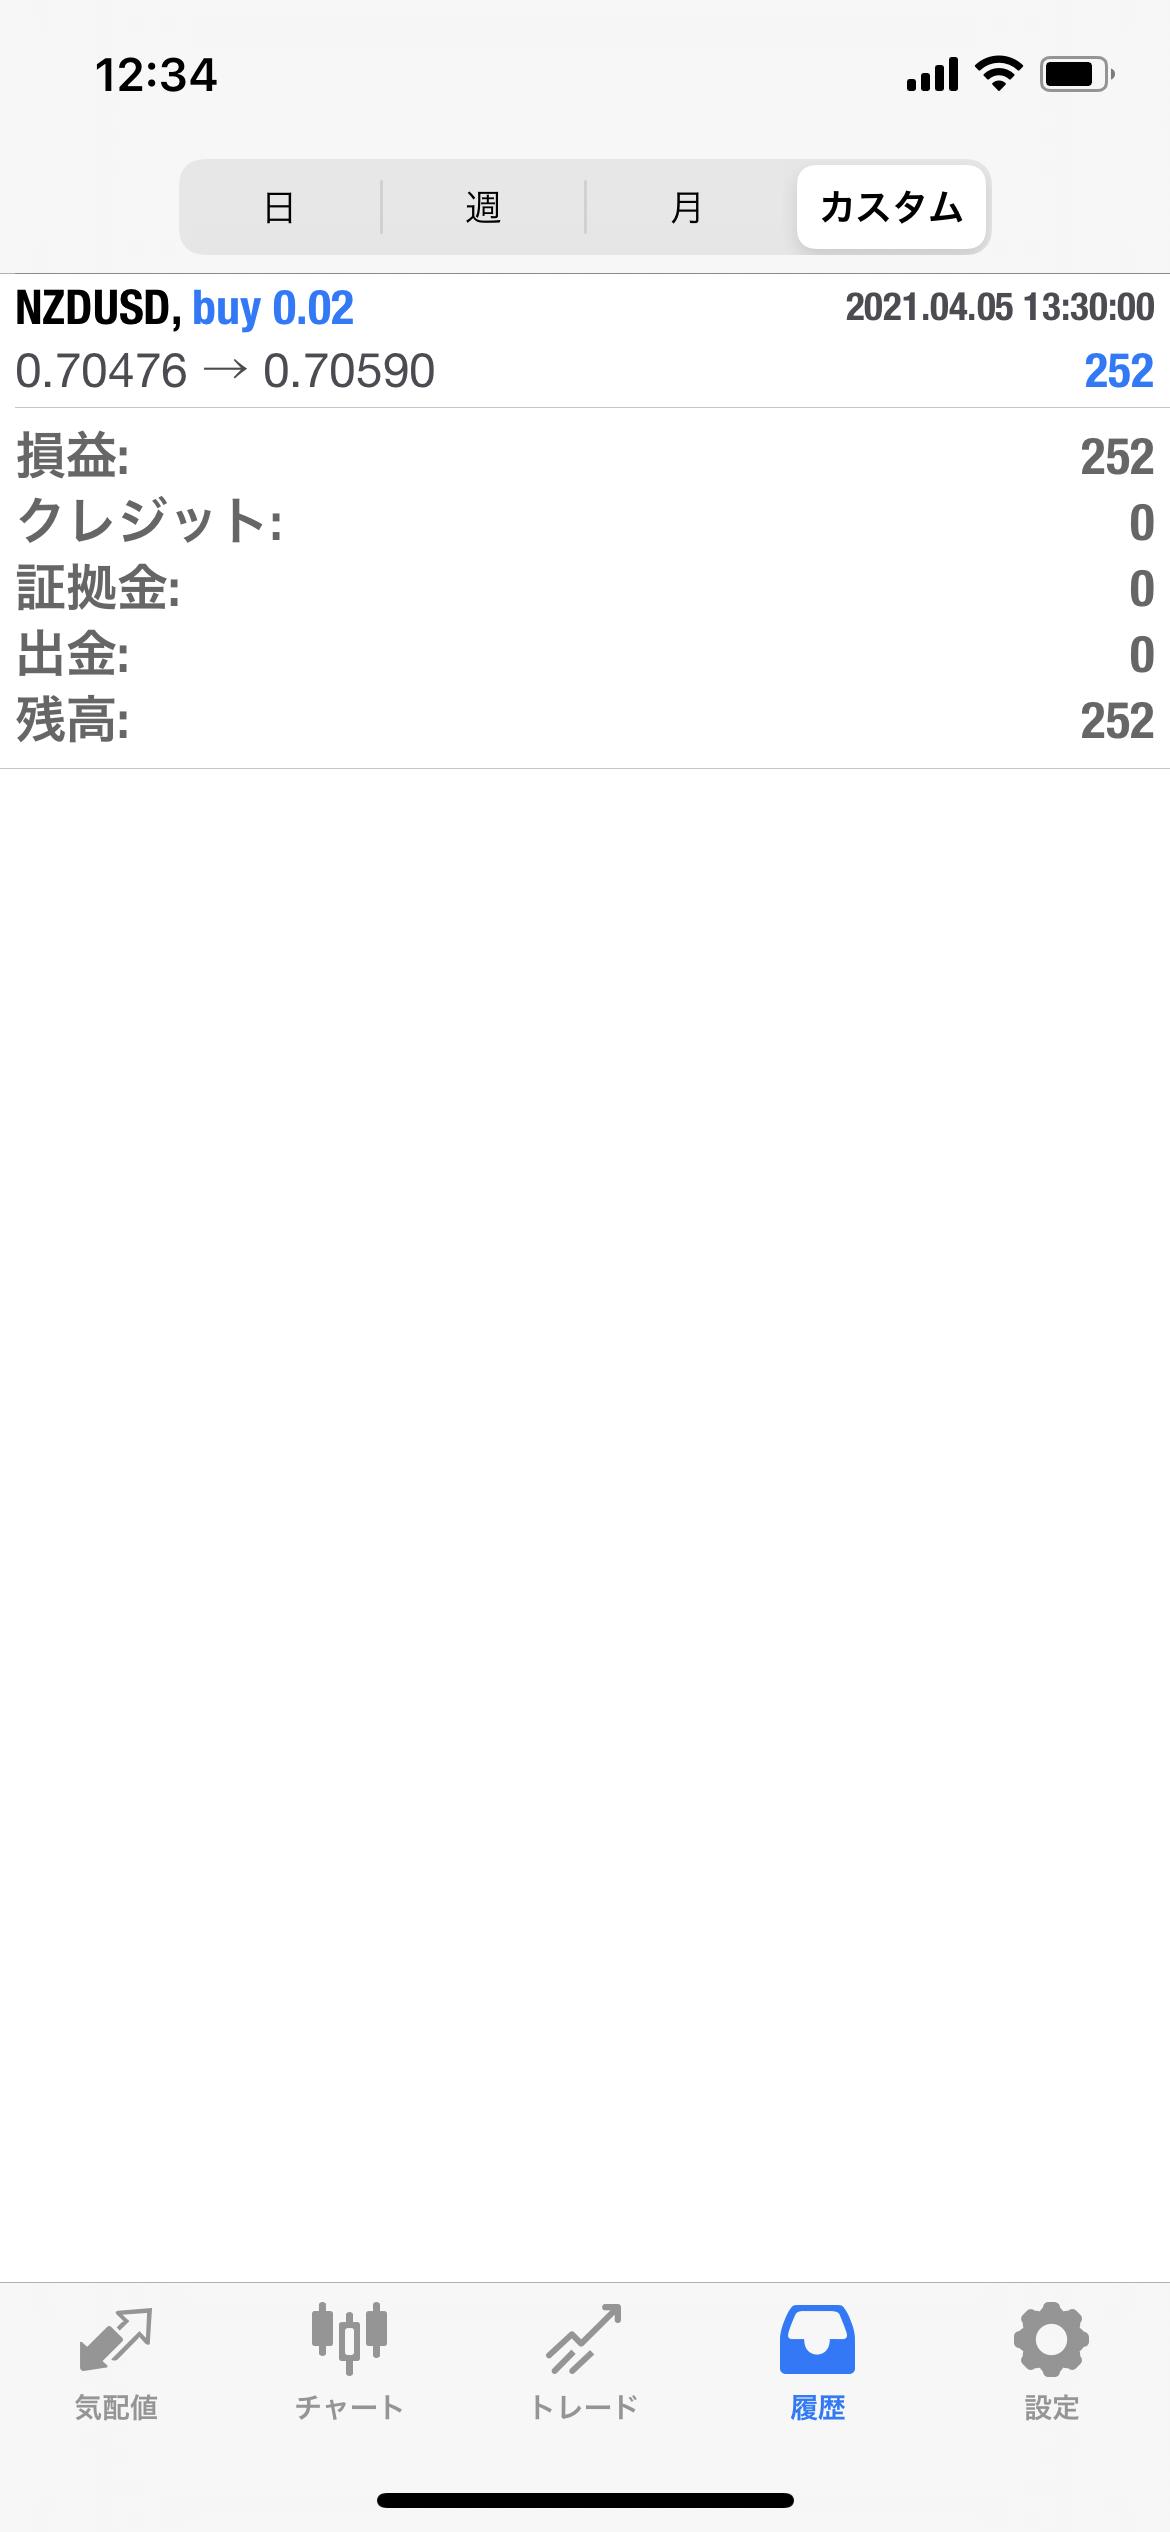 20210405raise.PNG